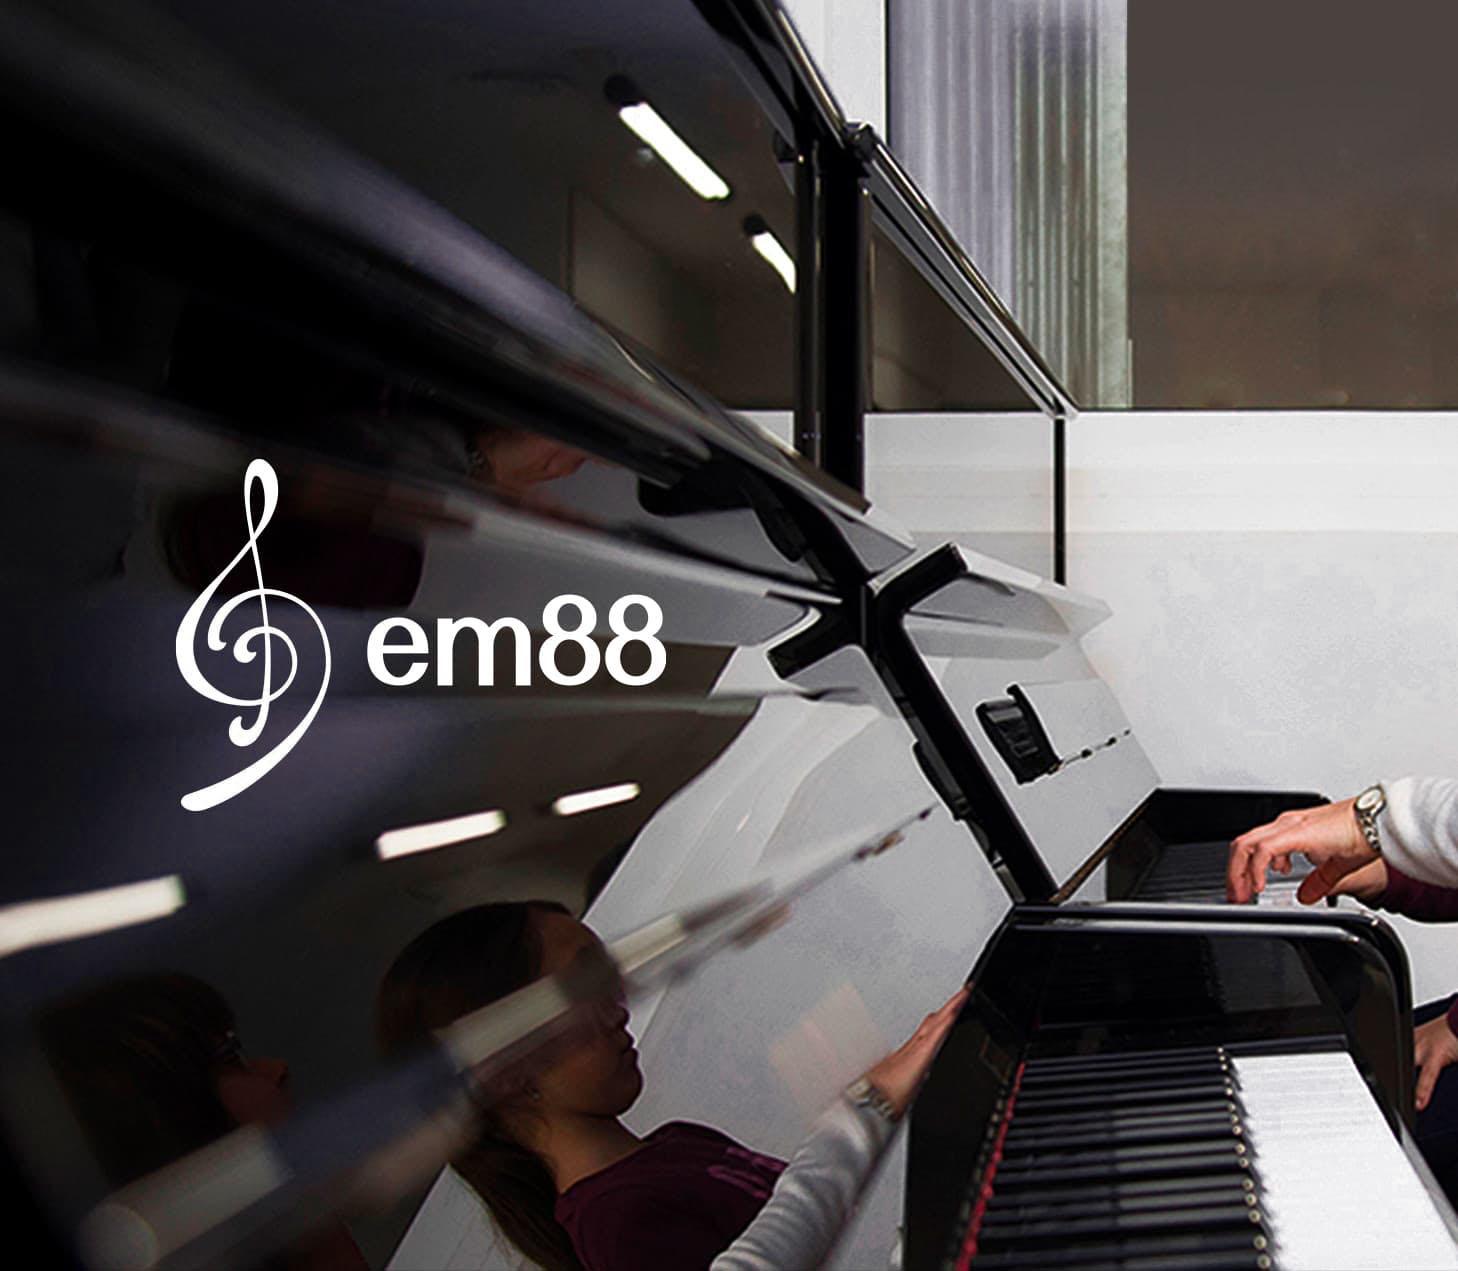 em88-portada-piano2